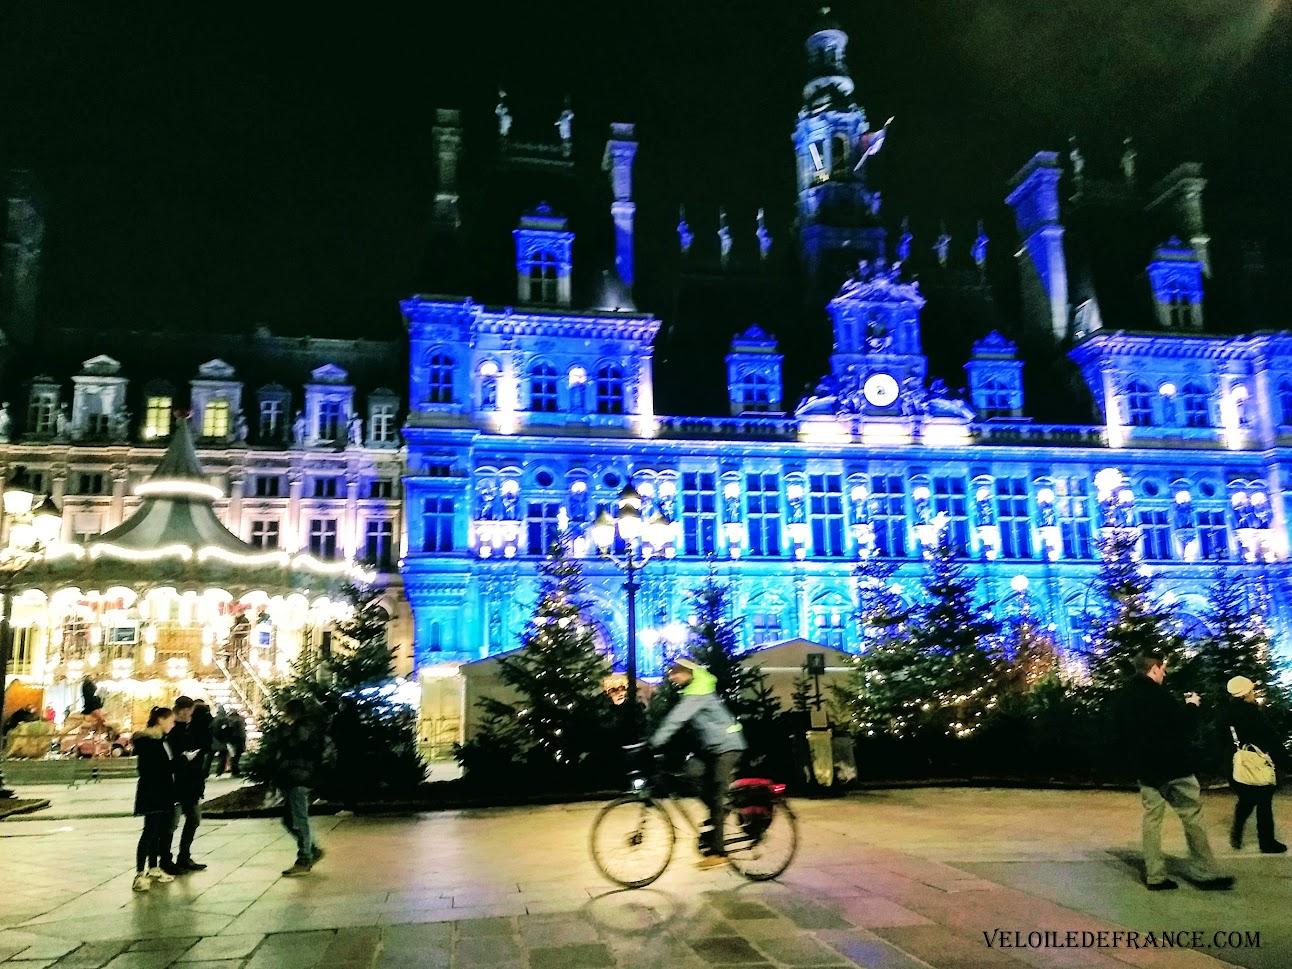 Lumières de Noel Hotel de Ville de Paris